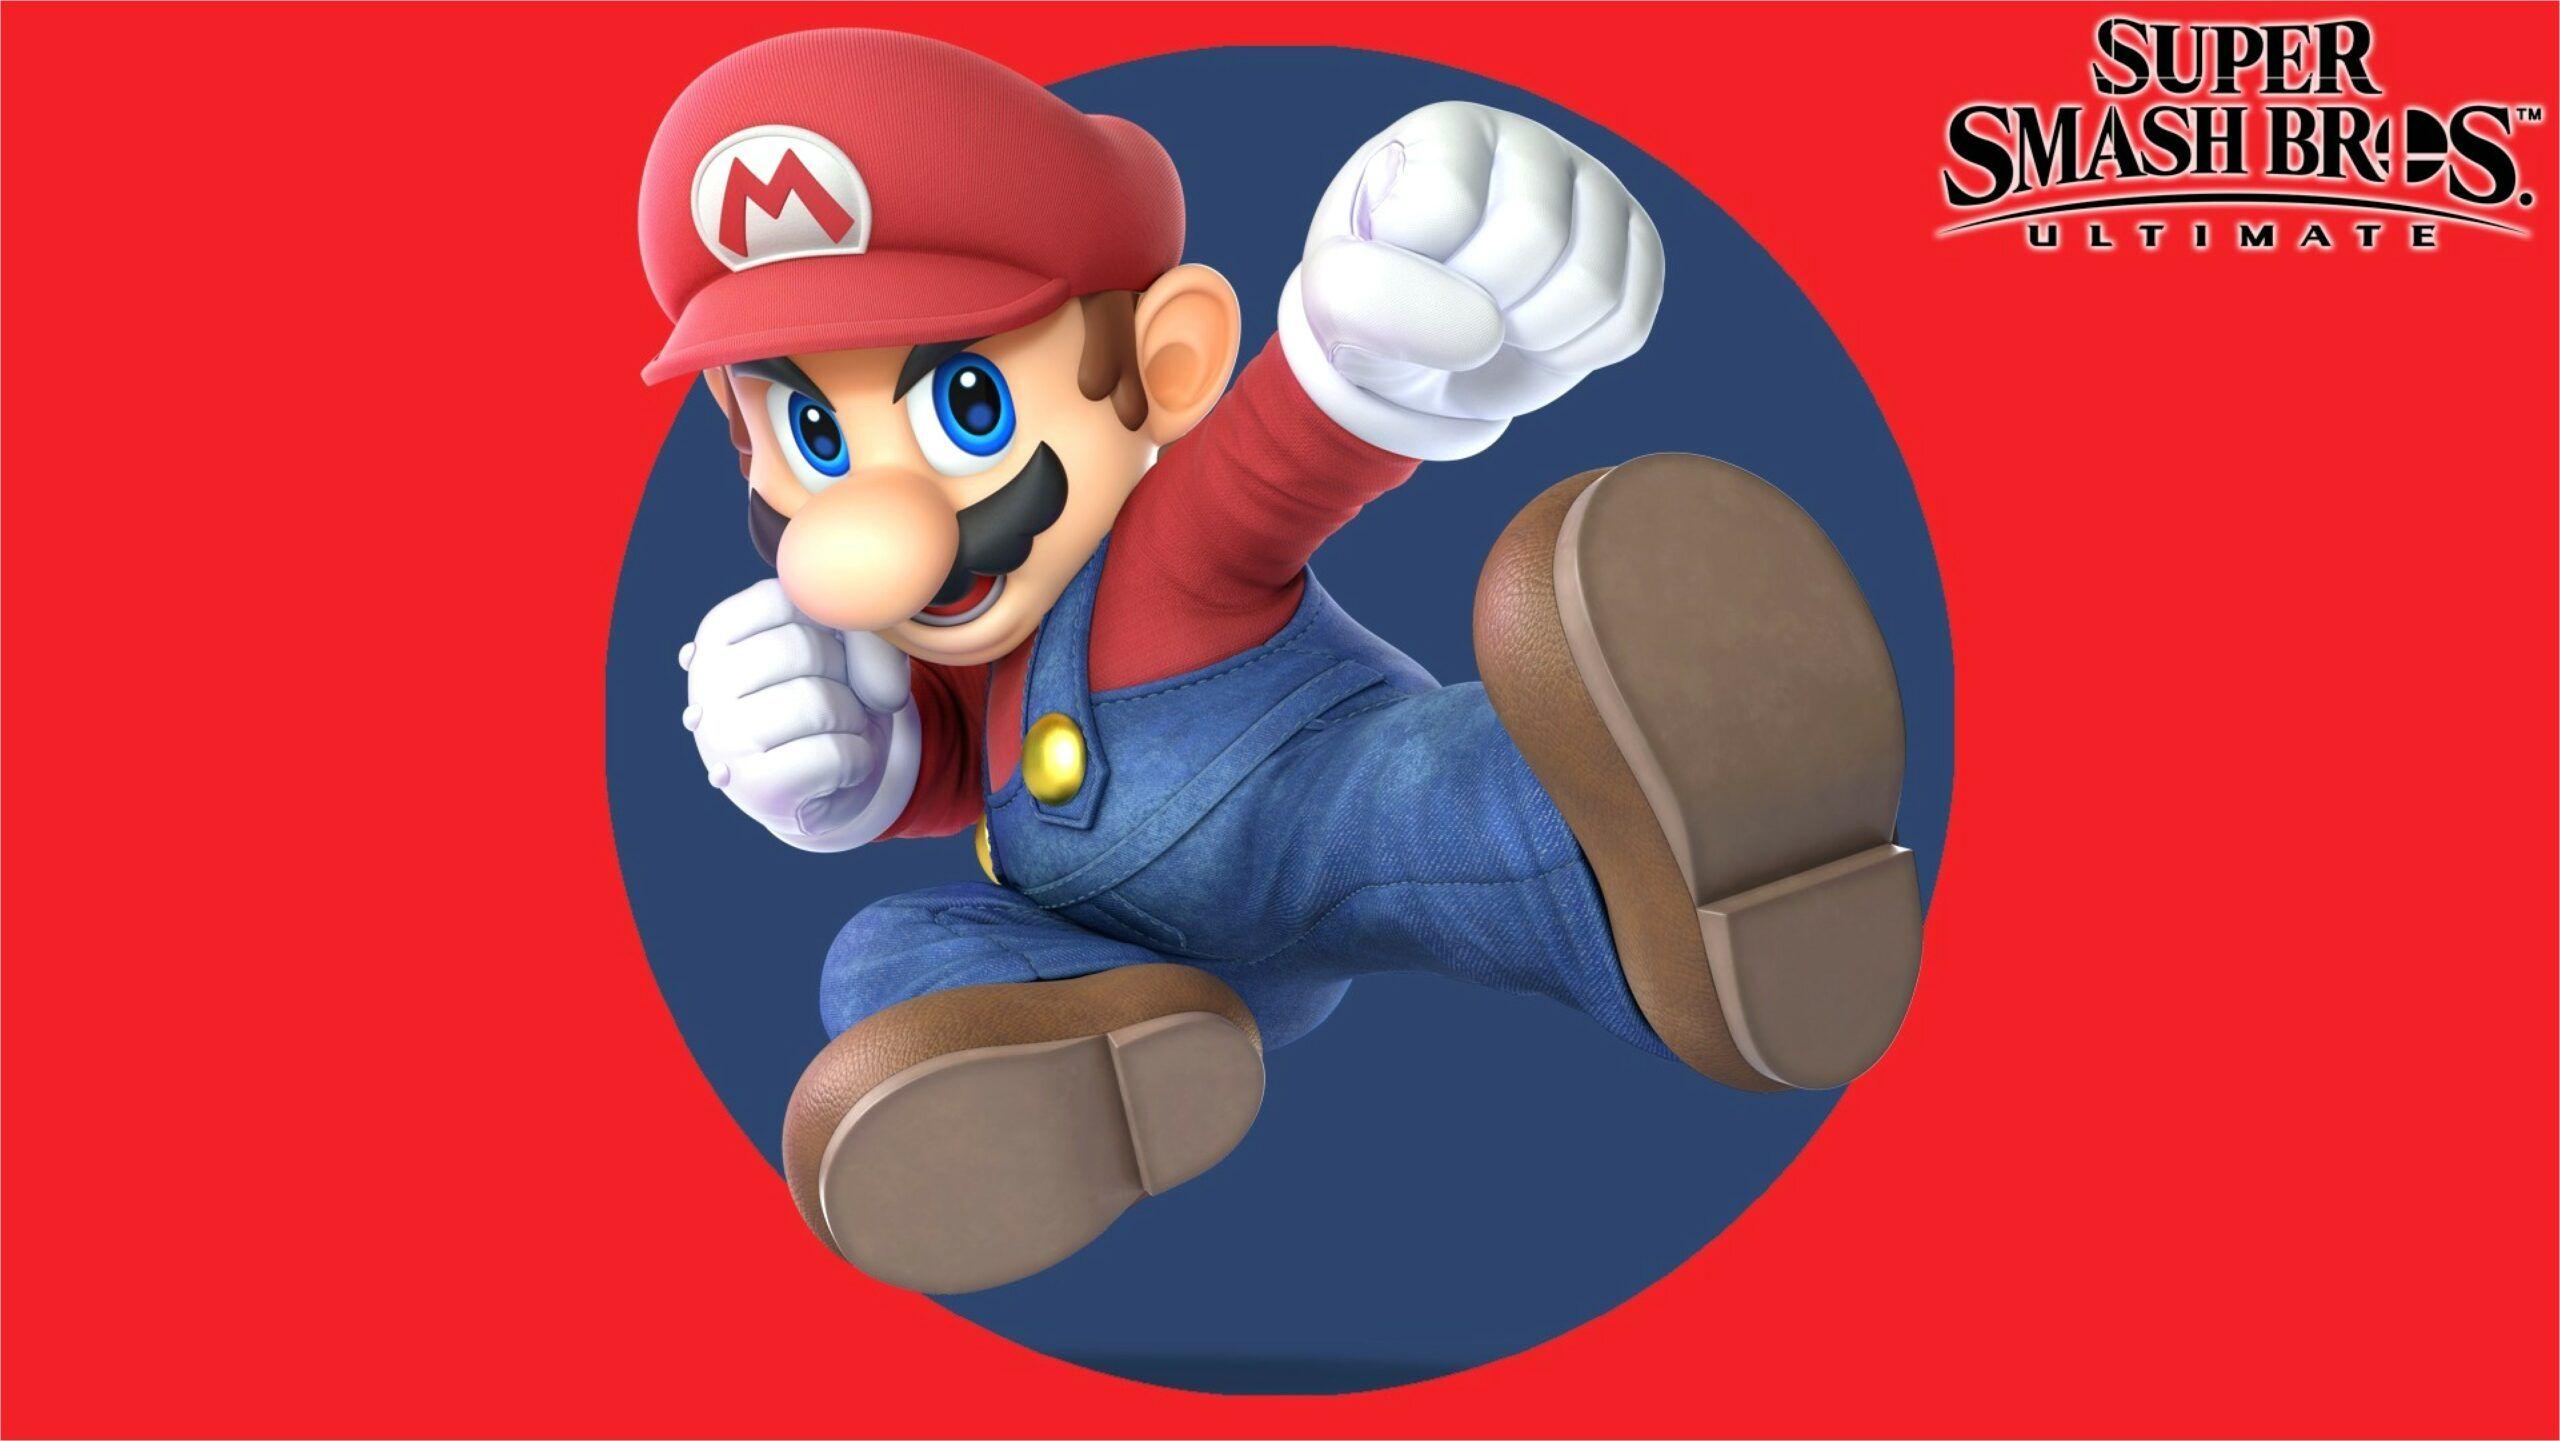 4k Smash Bros Wallpaper In 2020 Smash Bros Super Smash Bros Bros